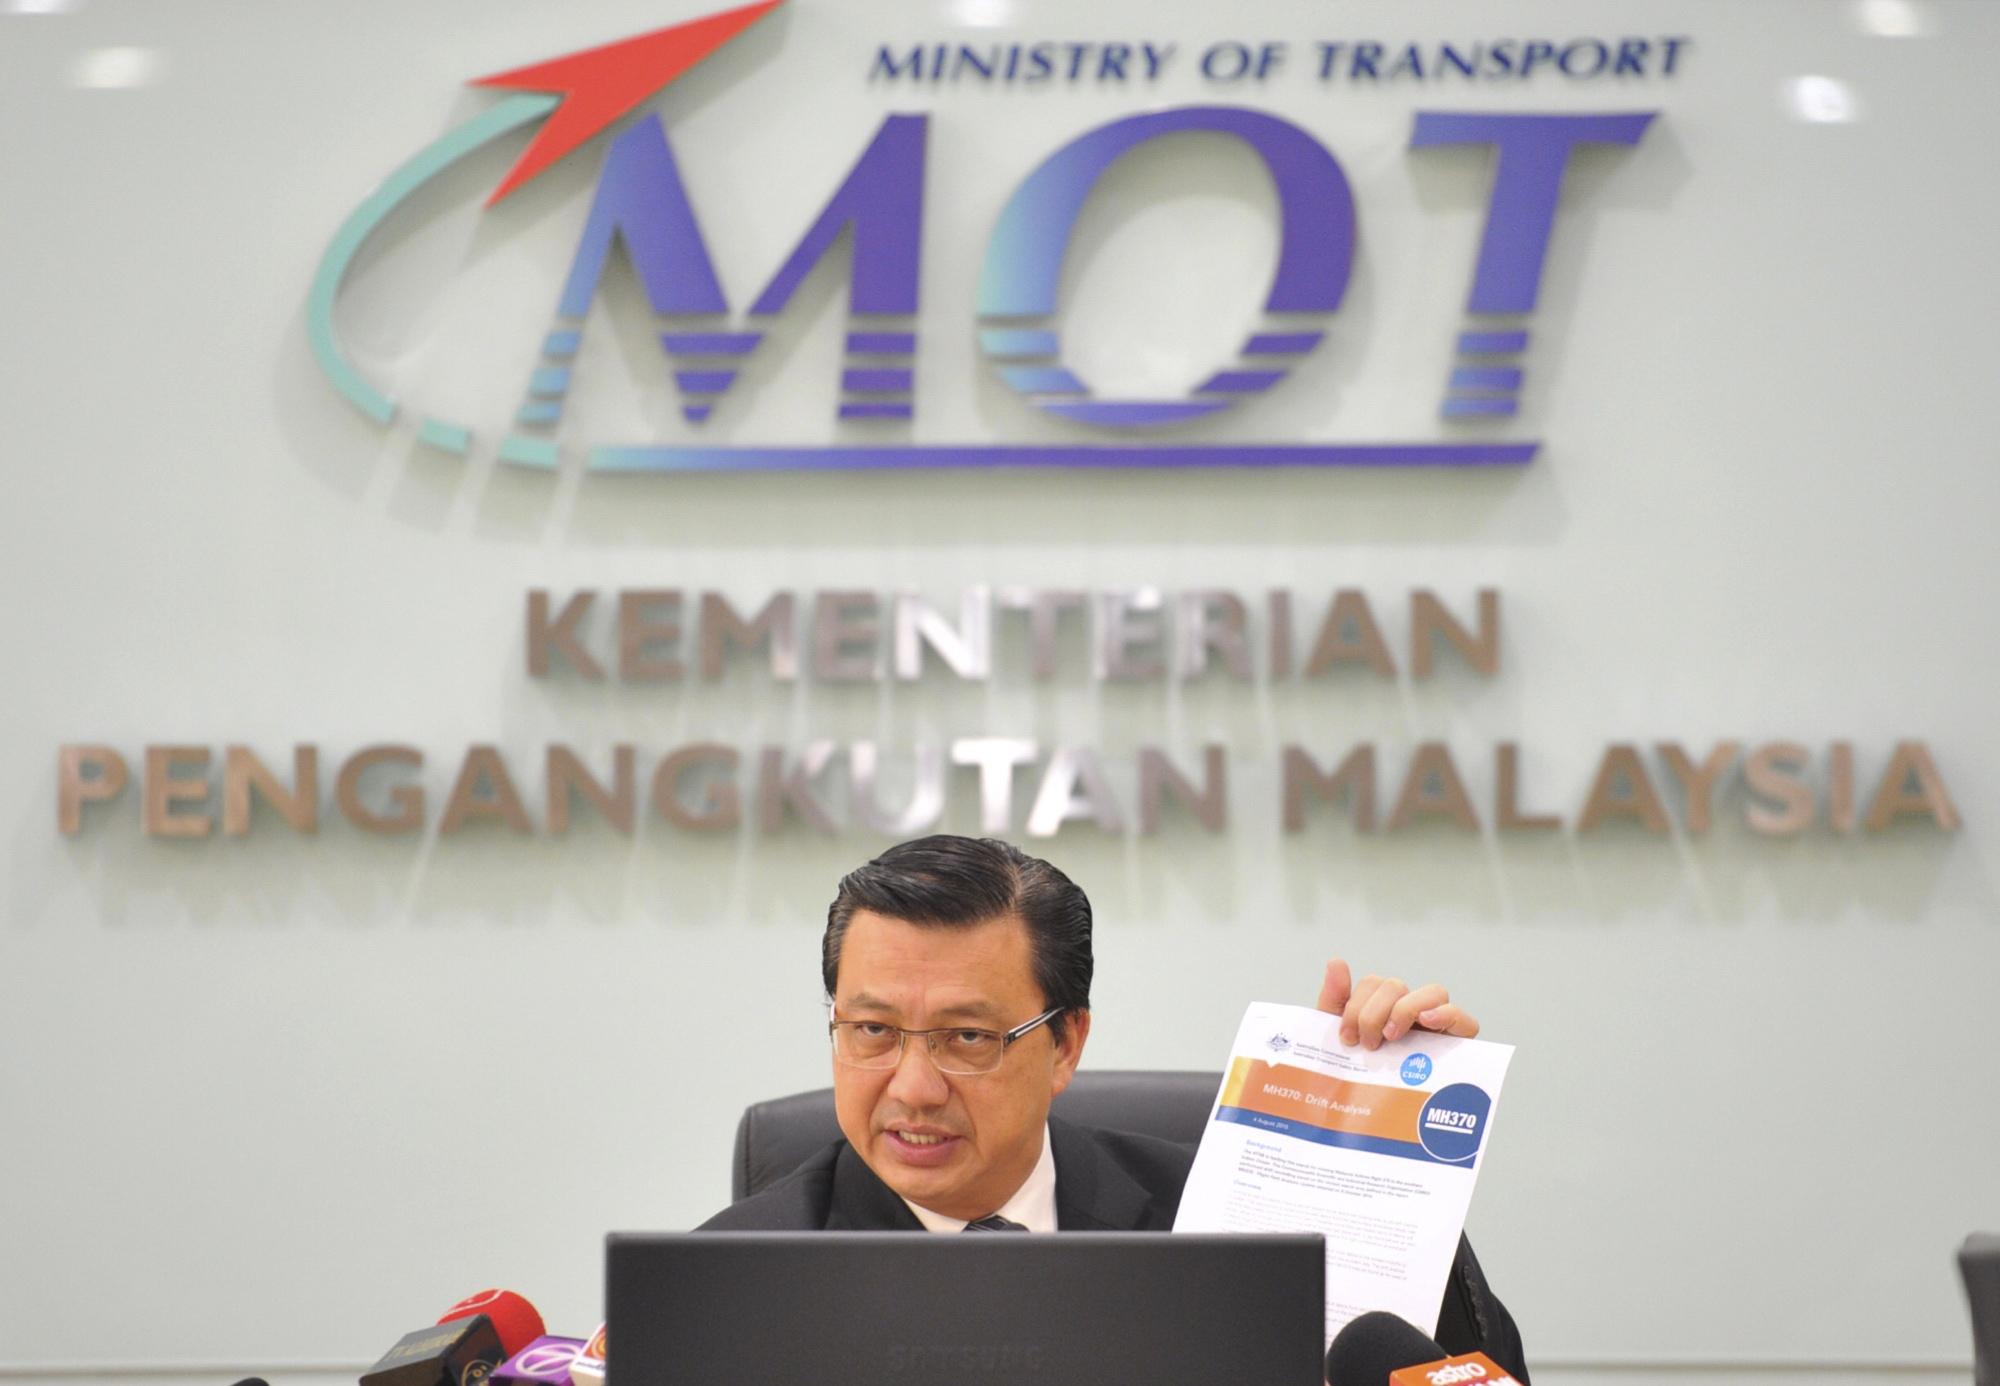 馬國交通部長Liow Tong Lai表示,目前雖然在留尼旺島出現更多疑似飛機殘骸,但目前尚難以確認這些殘骸是否屬於MH370。(美聯社)